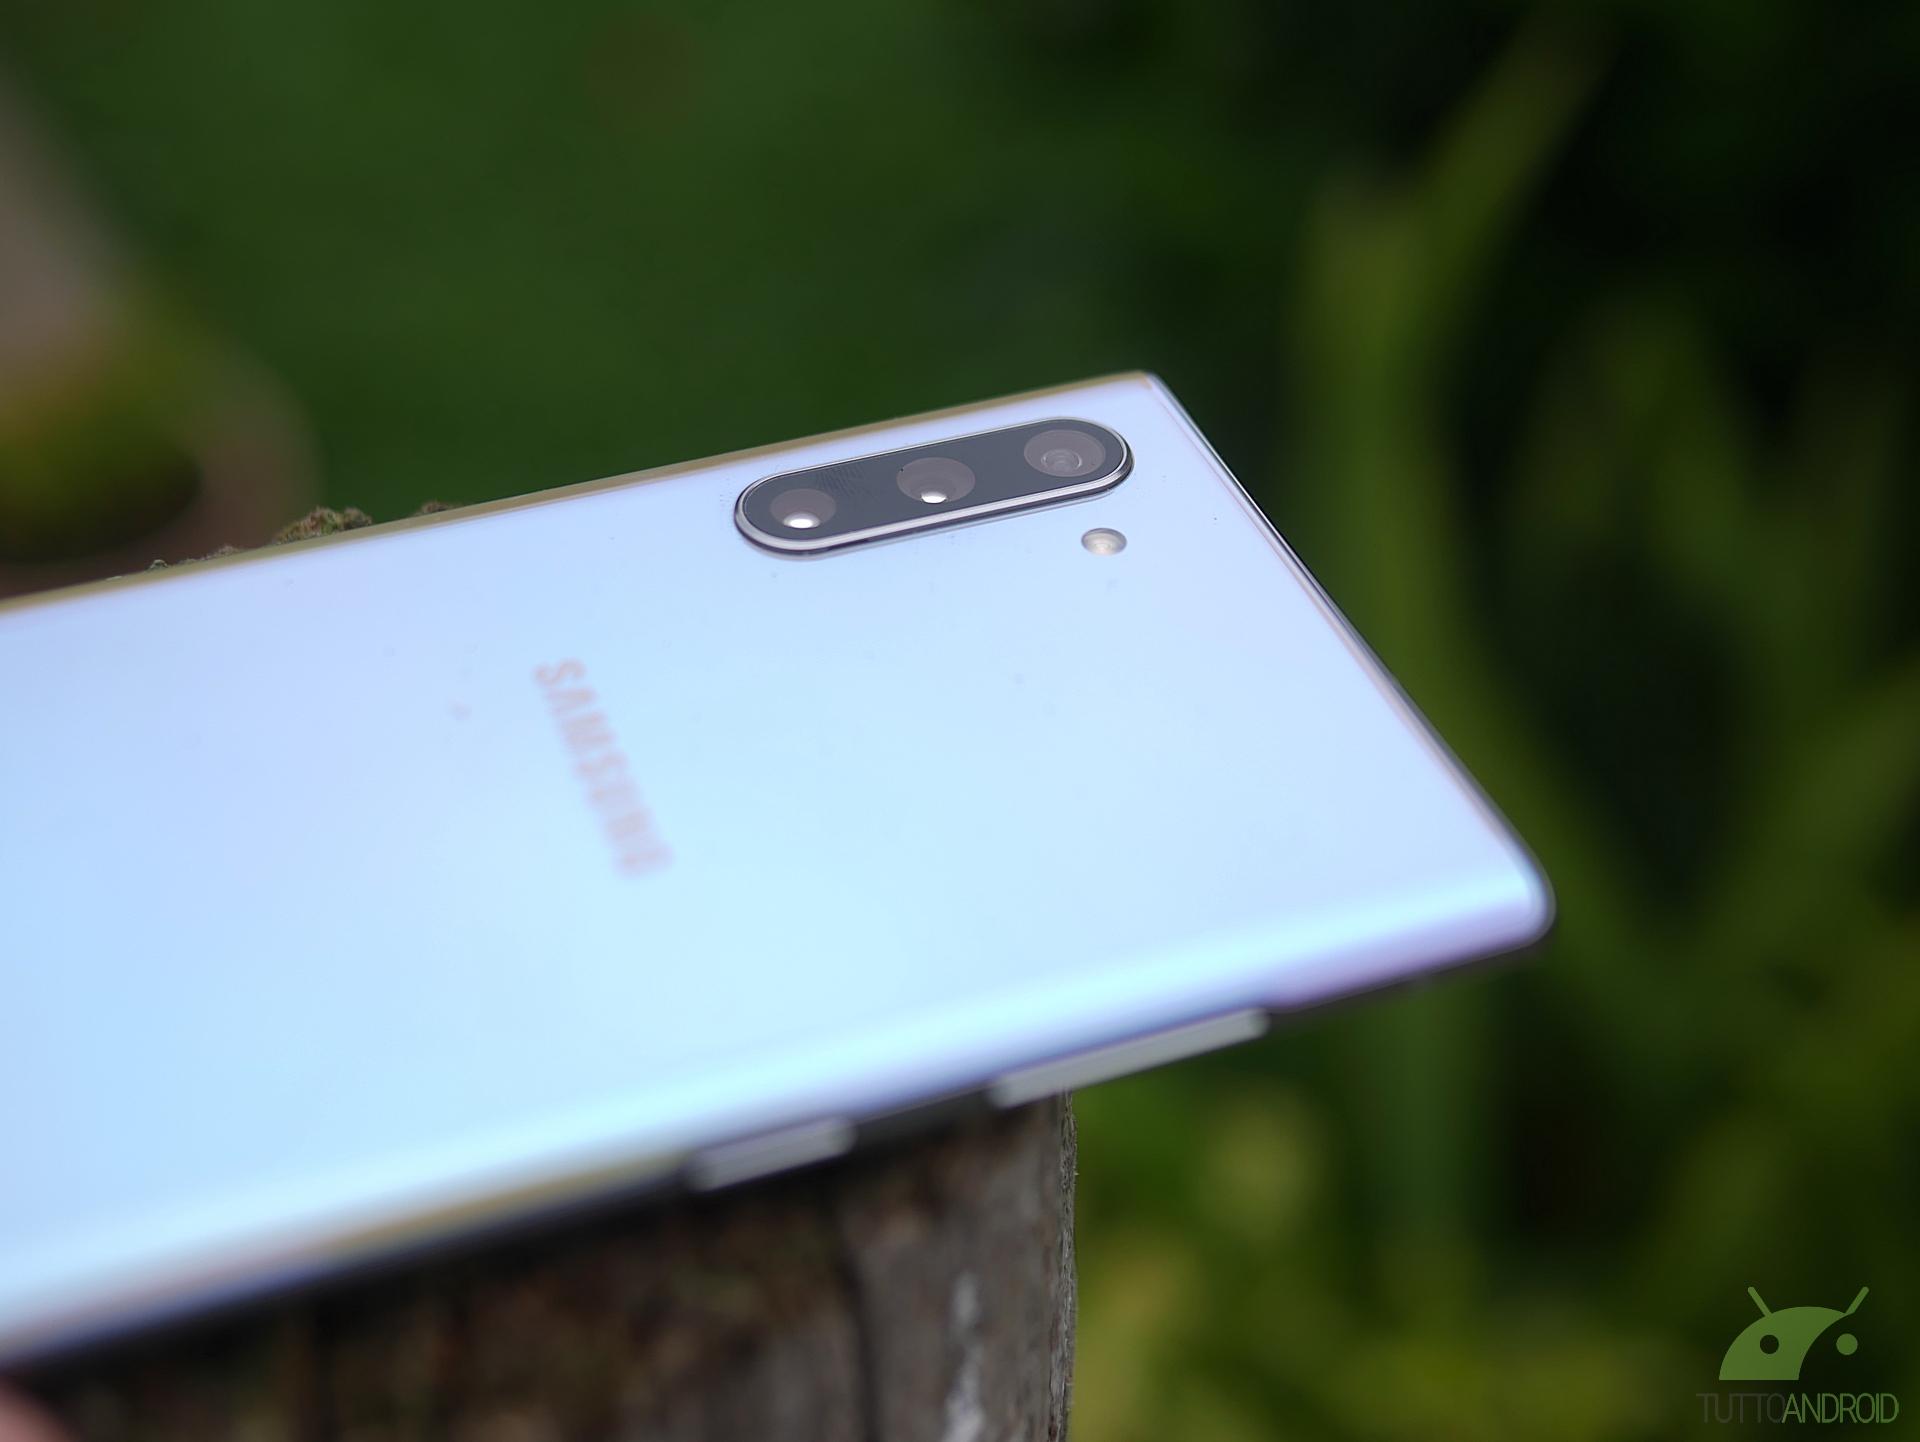 Un brevetto mostra un design inedito per la fotocamera del Samsung Galaxy Note 20